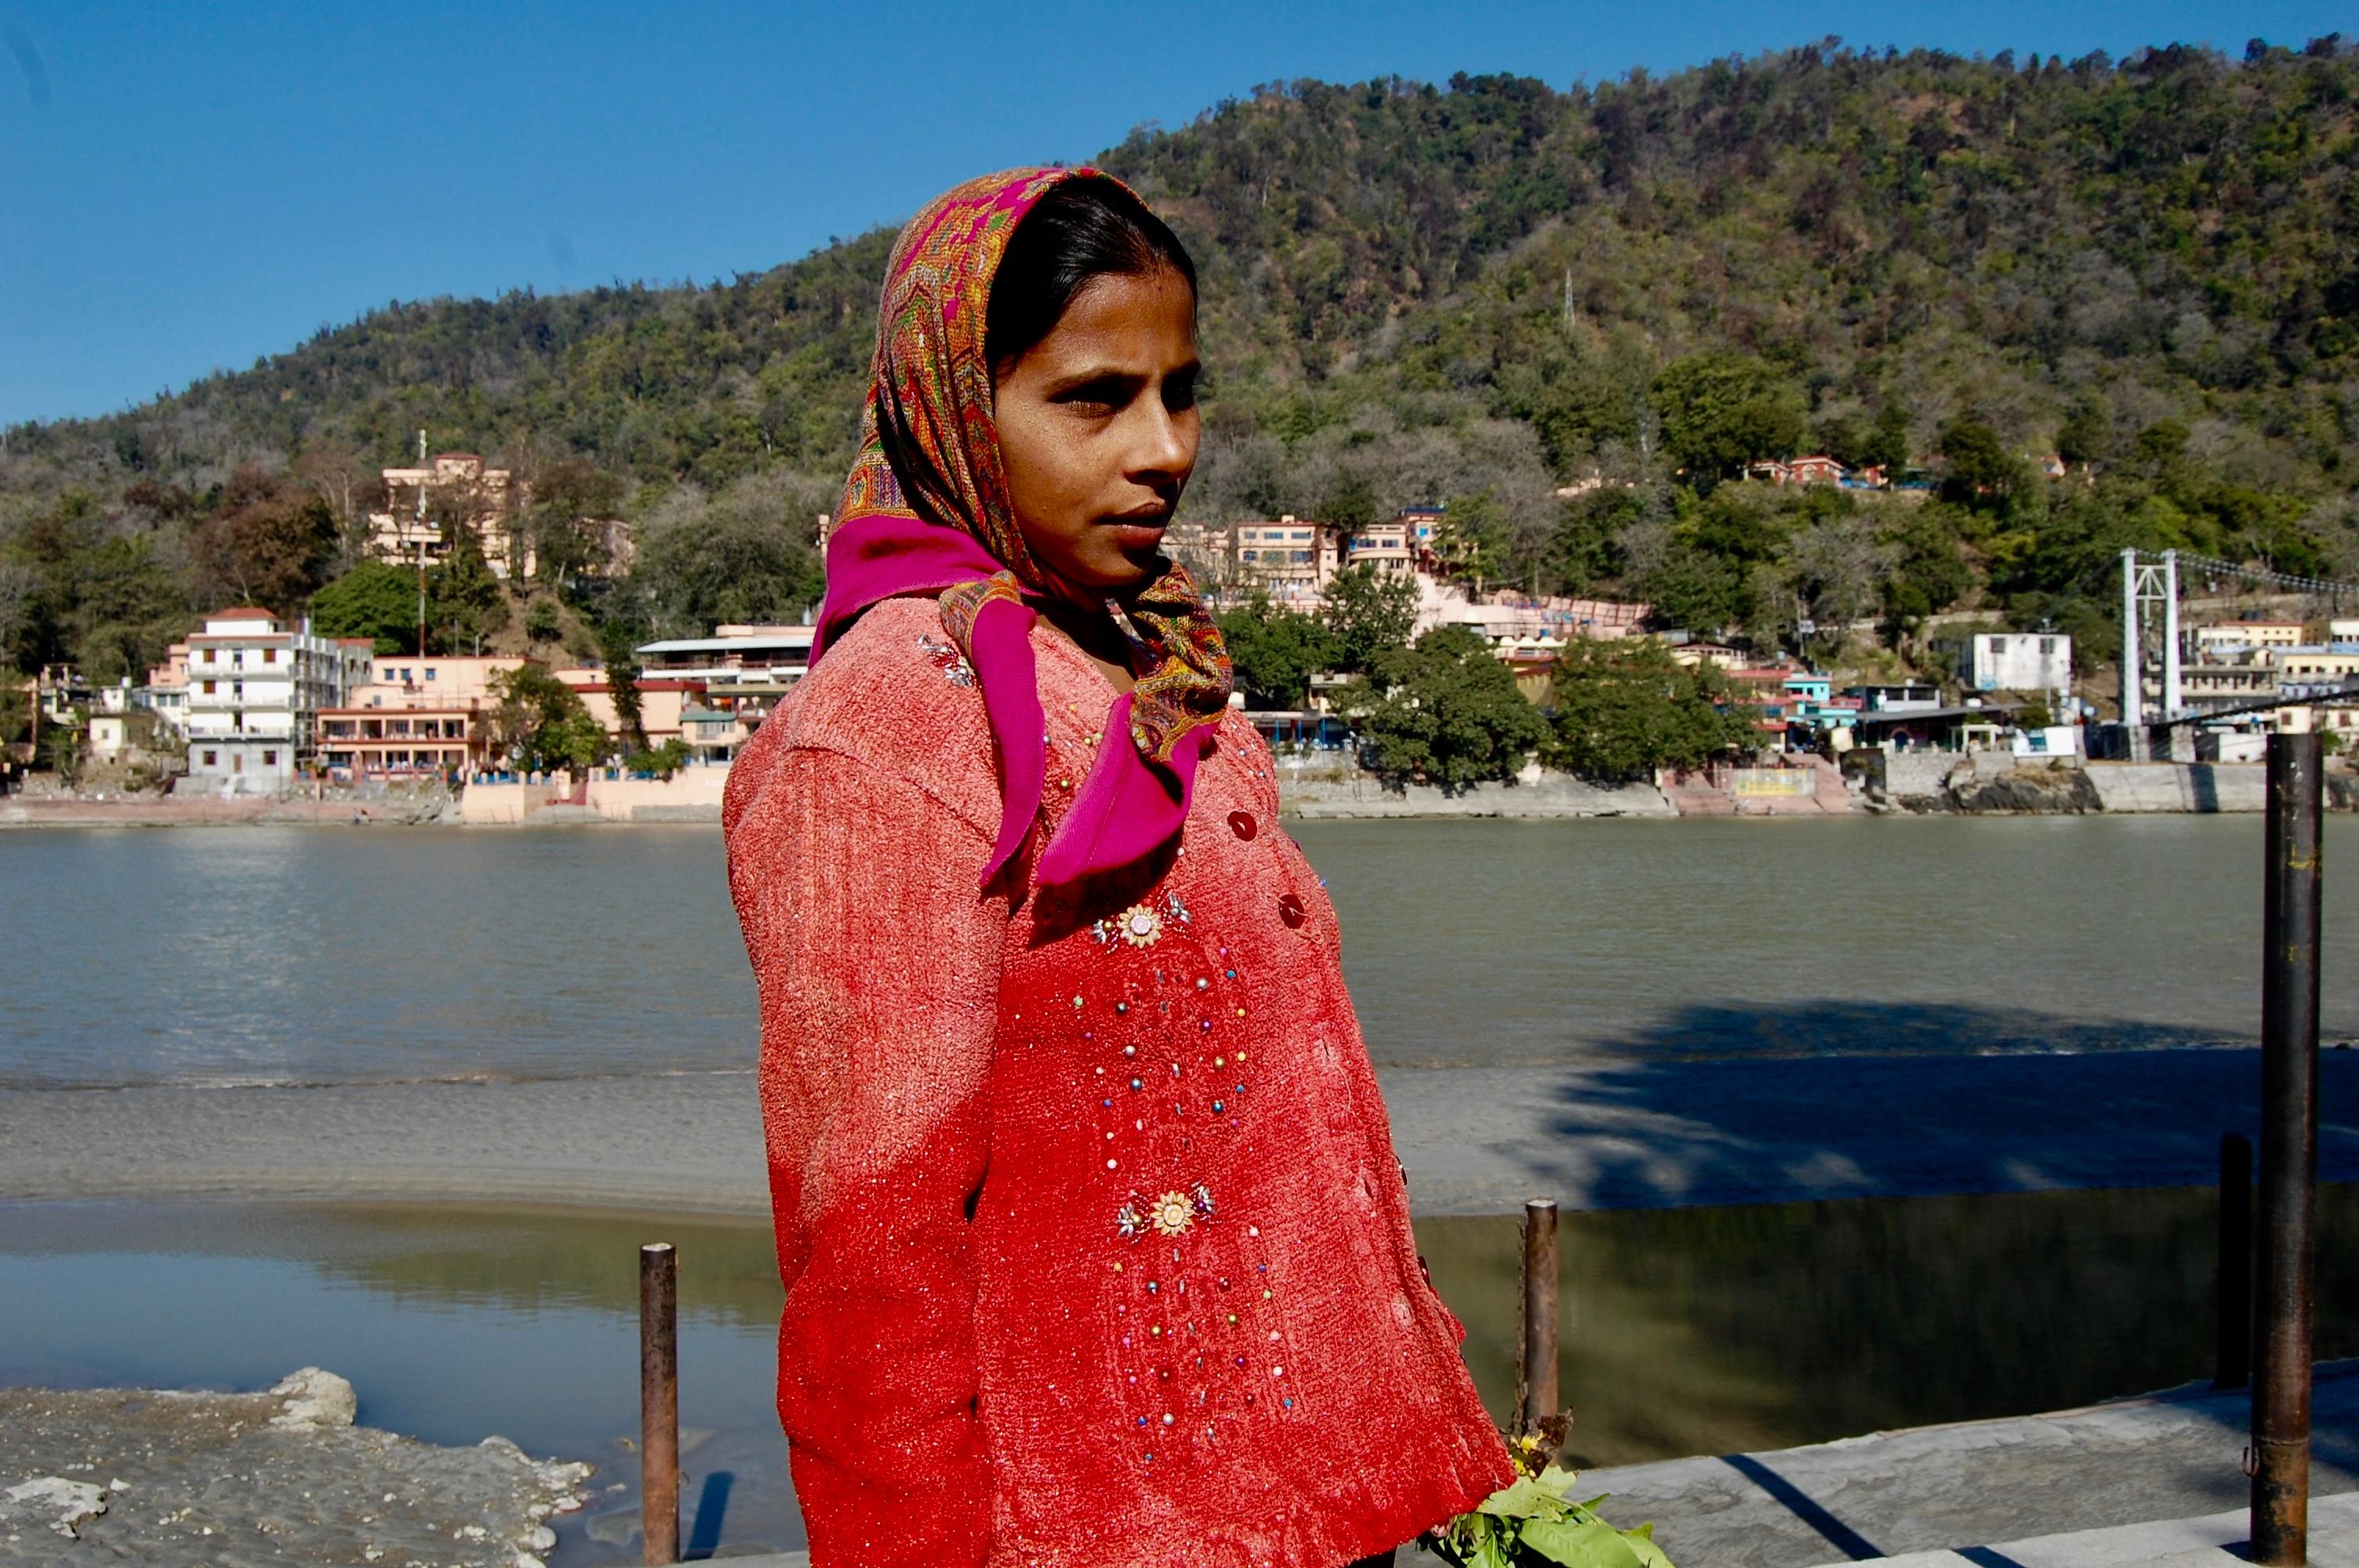 인도를 사랑한 여인들 - 빈자의 어머니와 이미지